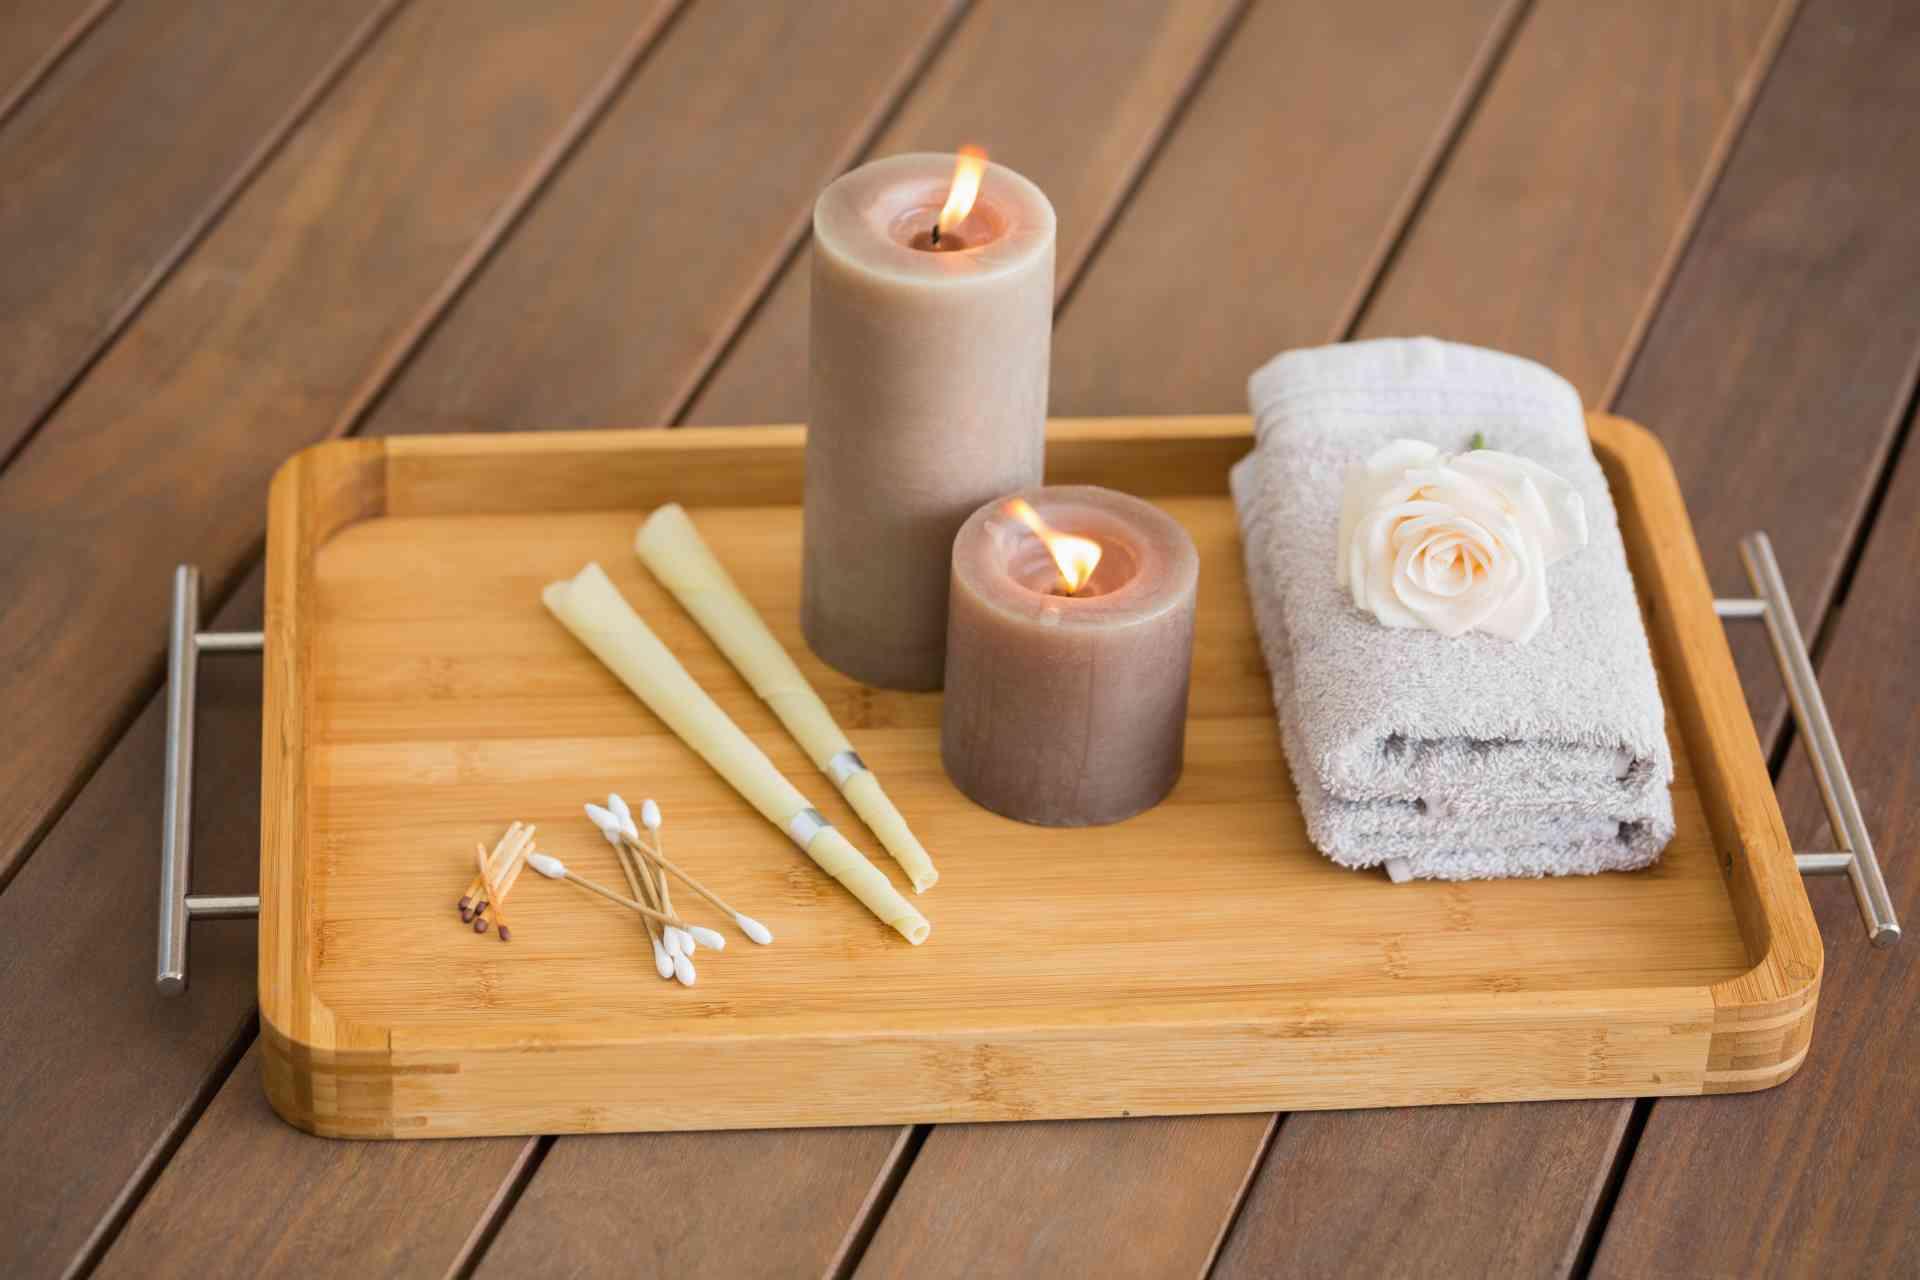 naturalmarket-eu-swiecowanie-uszu-sklep-internetowy-konchy-swiece-do-swiecowania-uszu